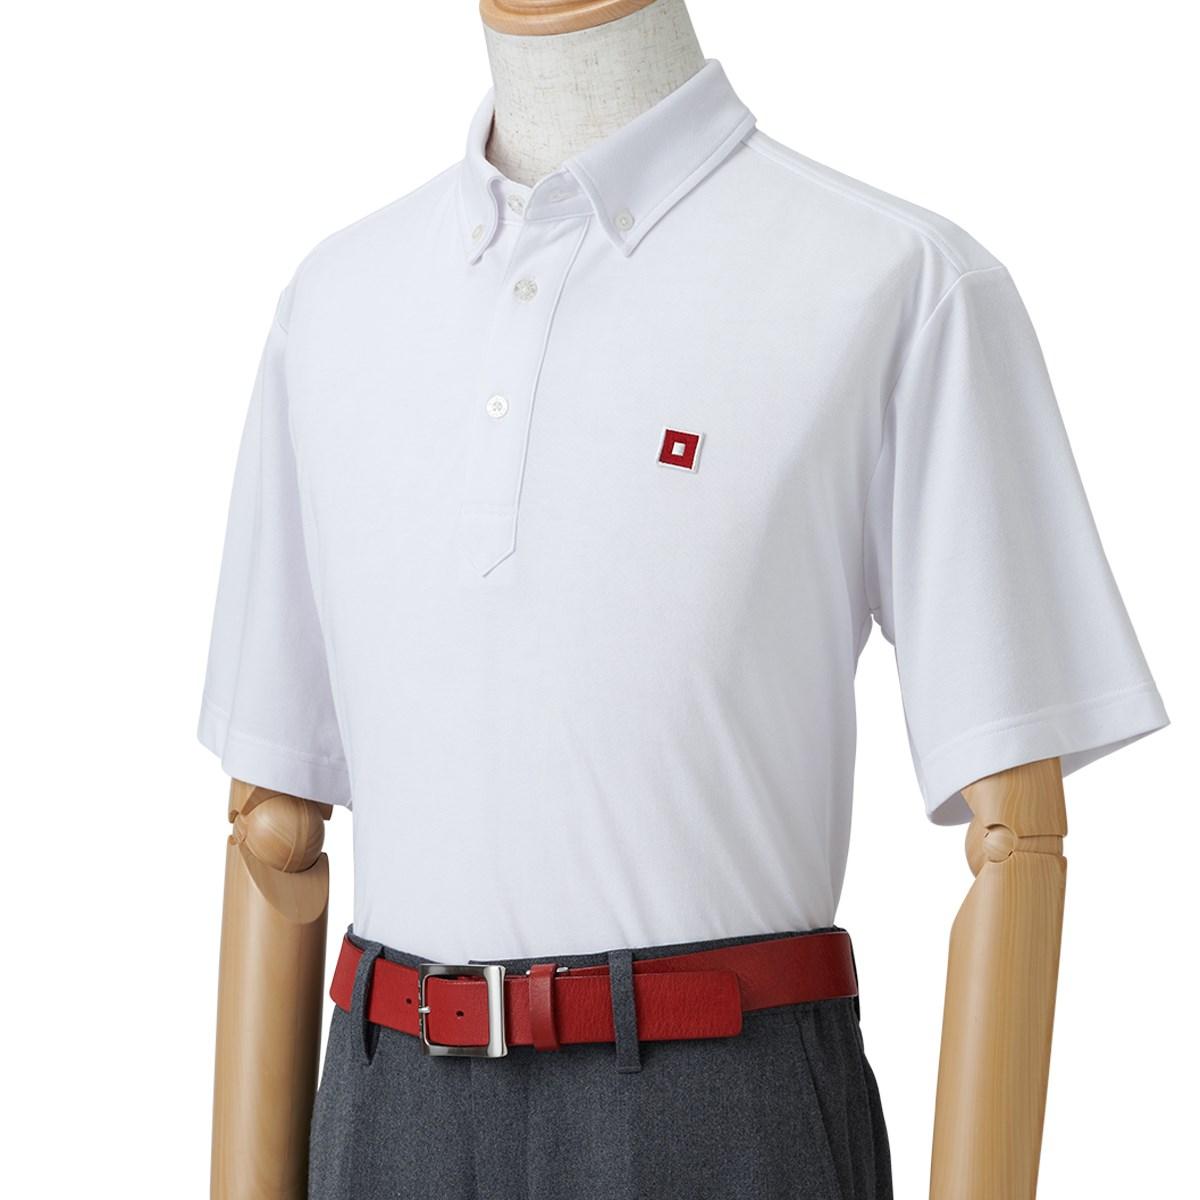 オノフ ONOFF COOLMAX 半袖ポロシャツ M ホワイト